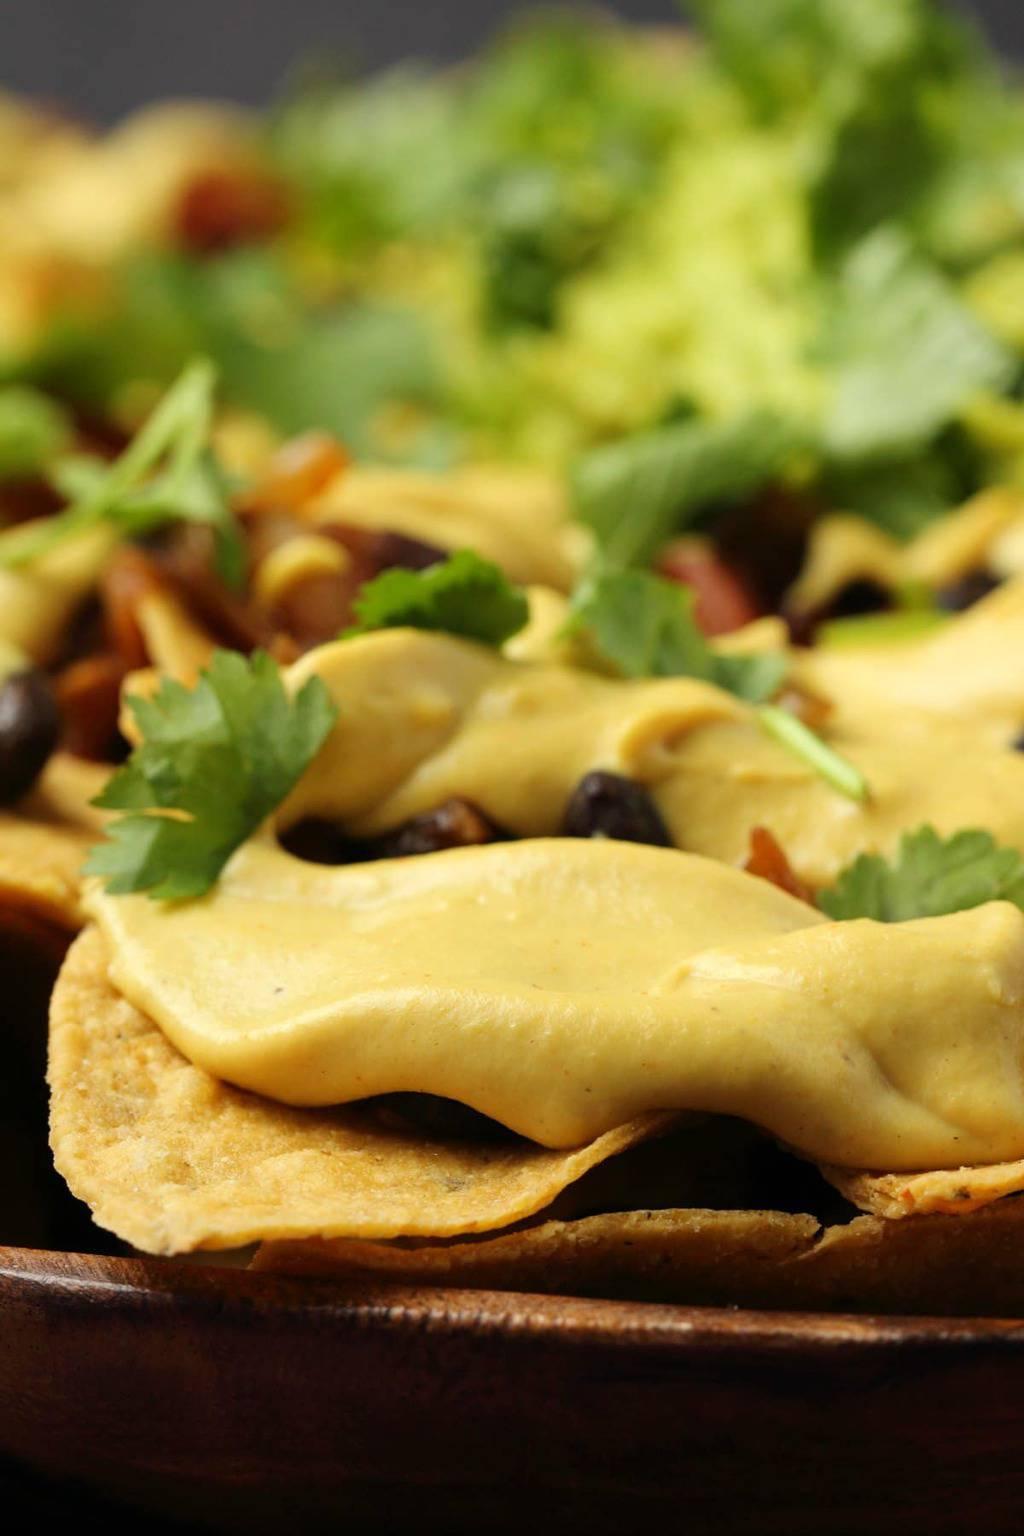 Vegan nacho cheese poured over nachos.